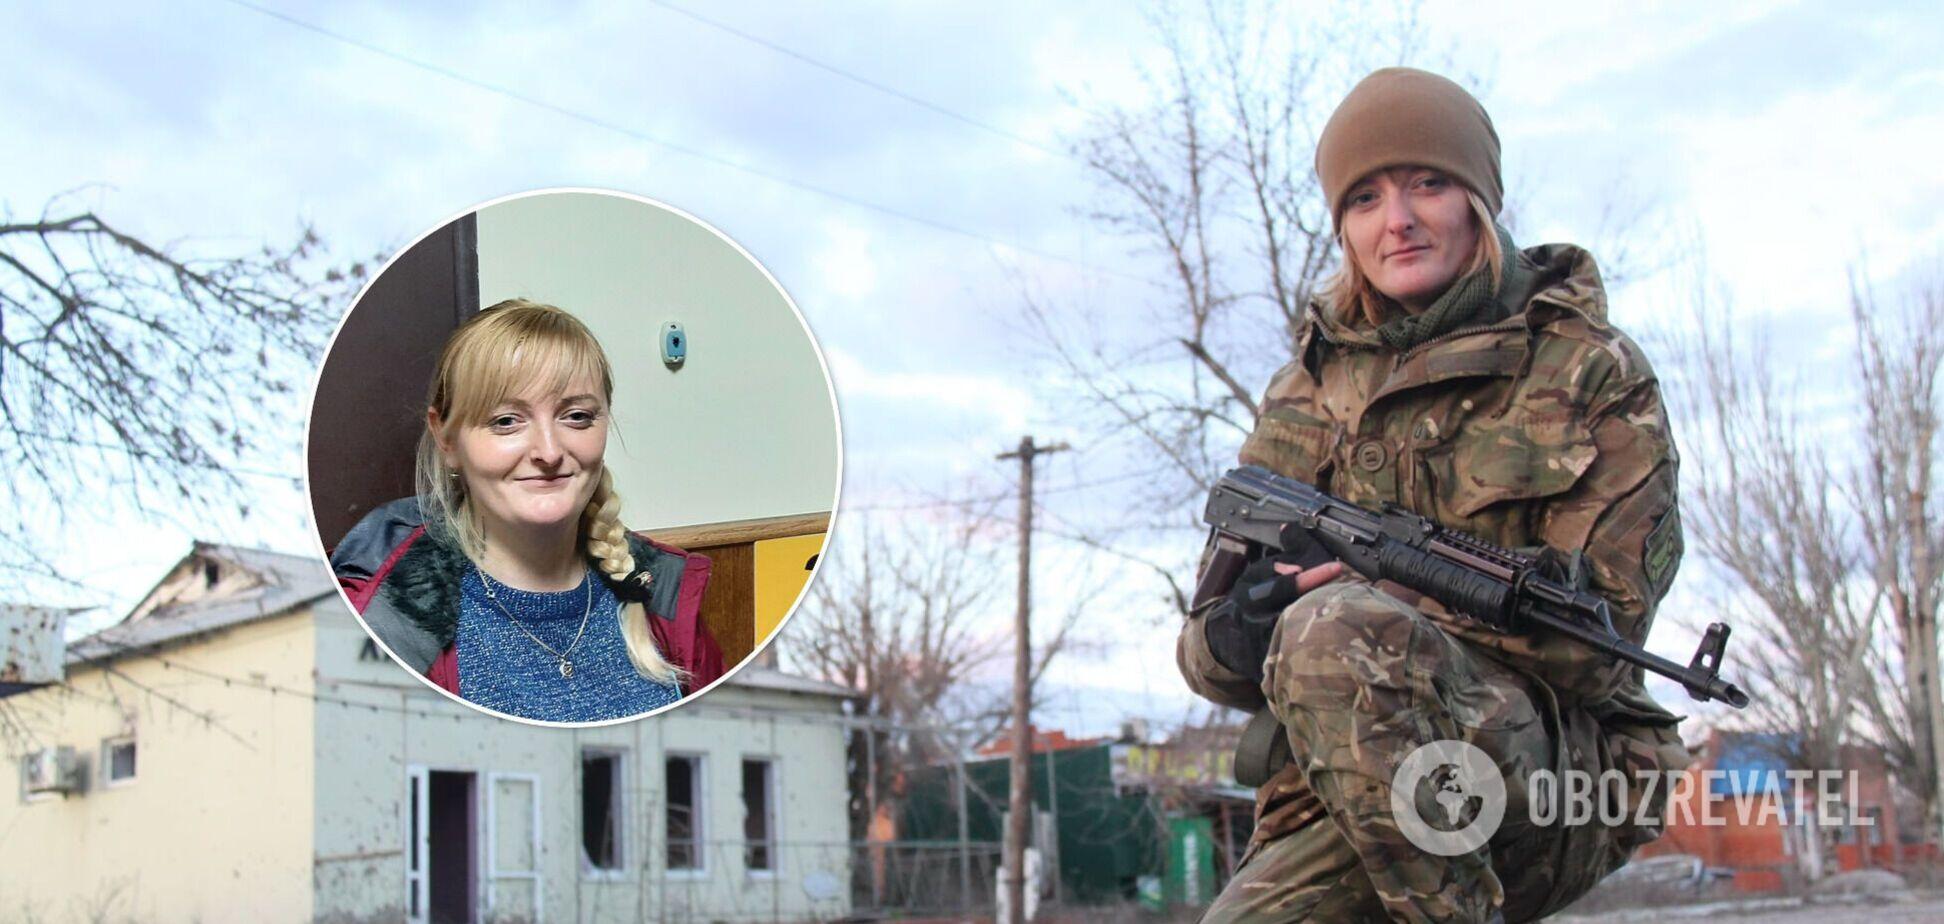 Суд смягчил меру пресечения ветерану АТО 'Фортуне'